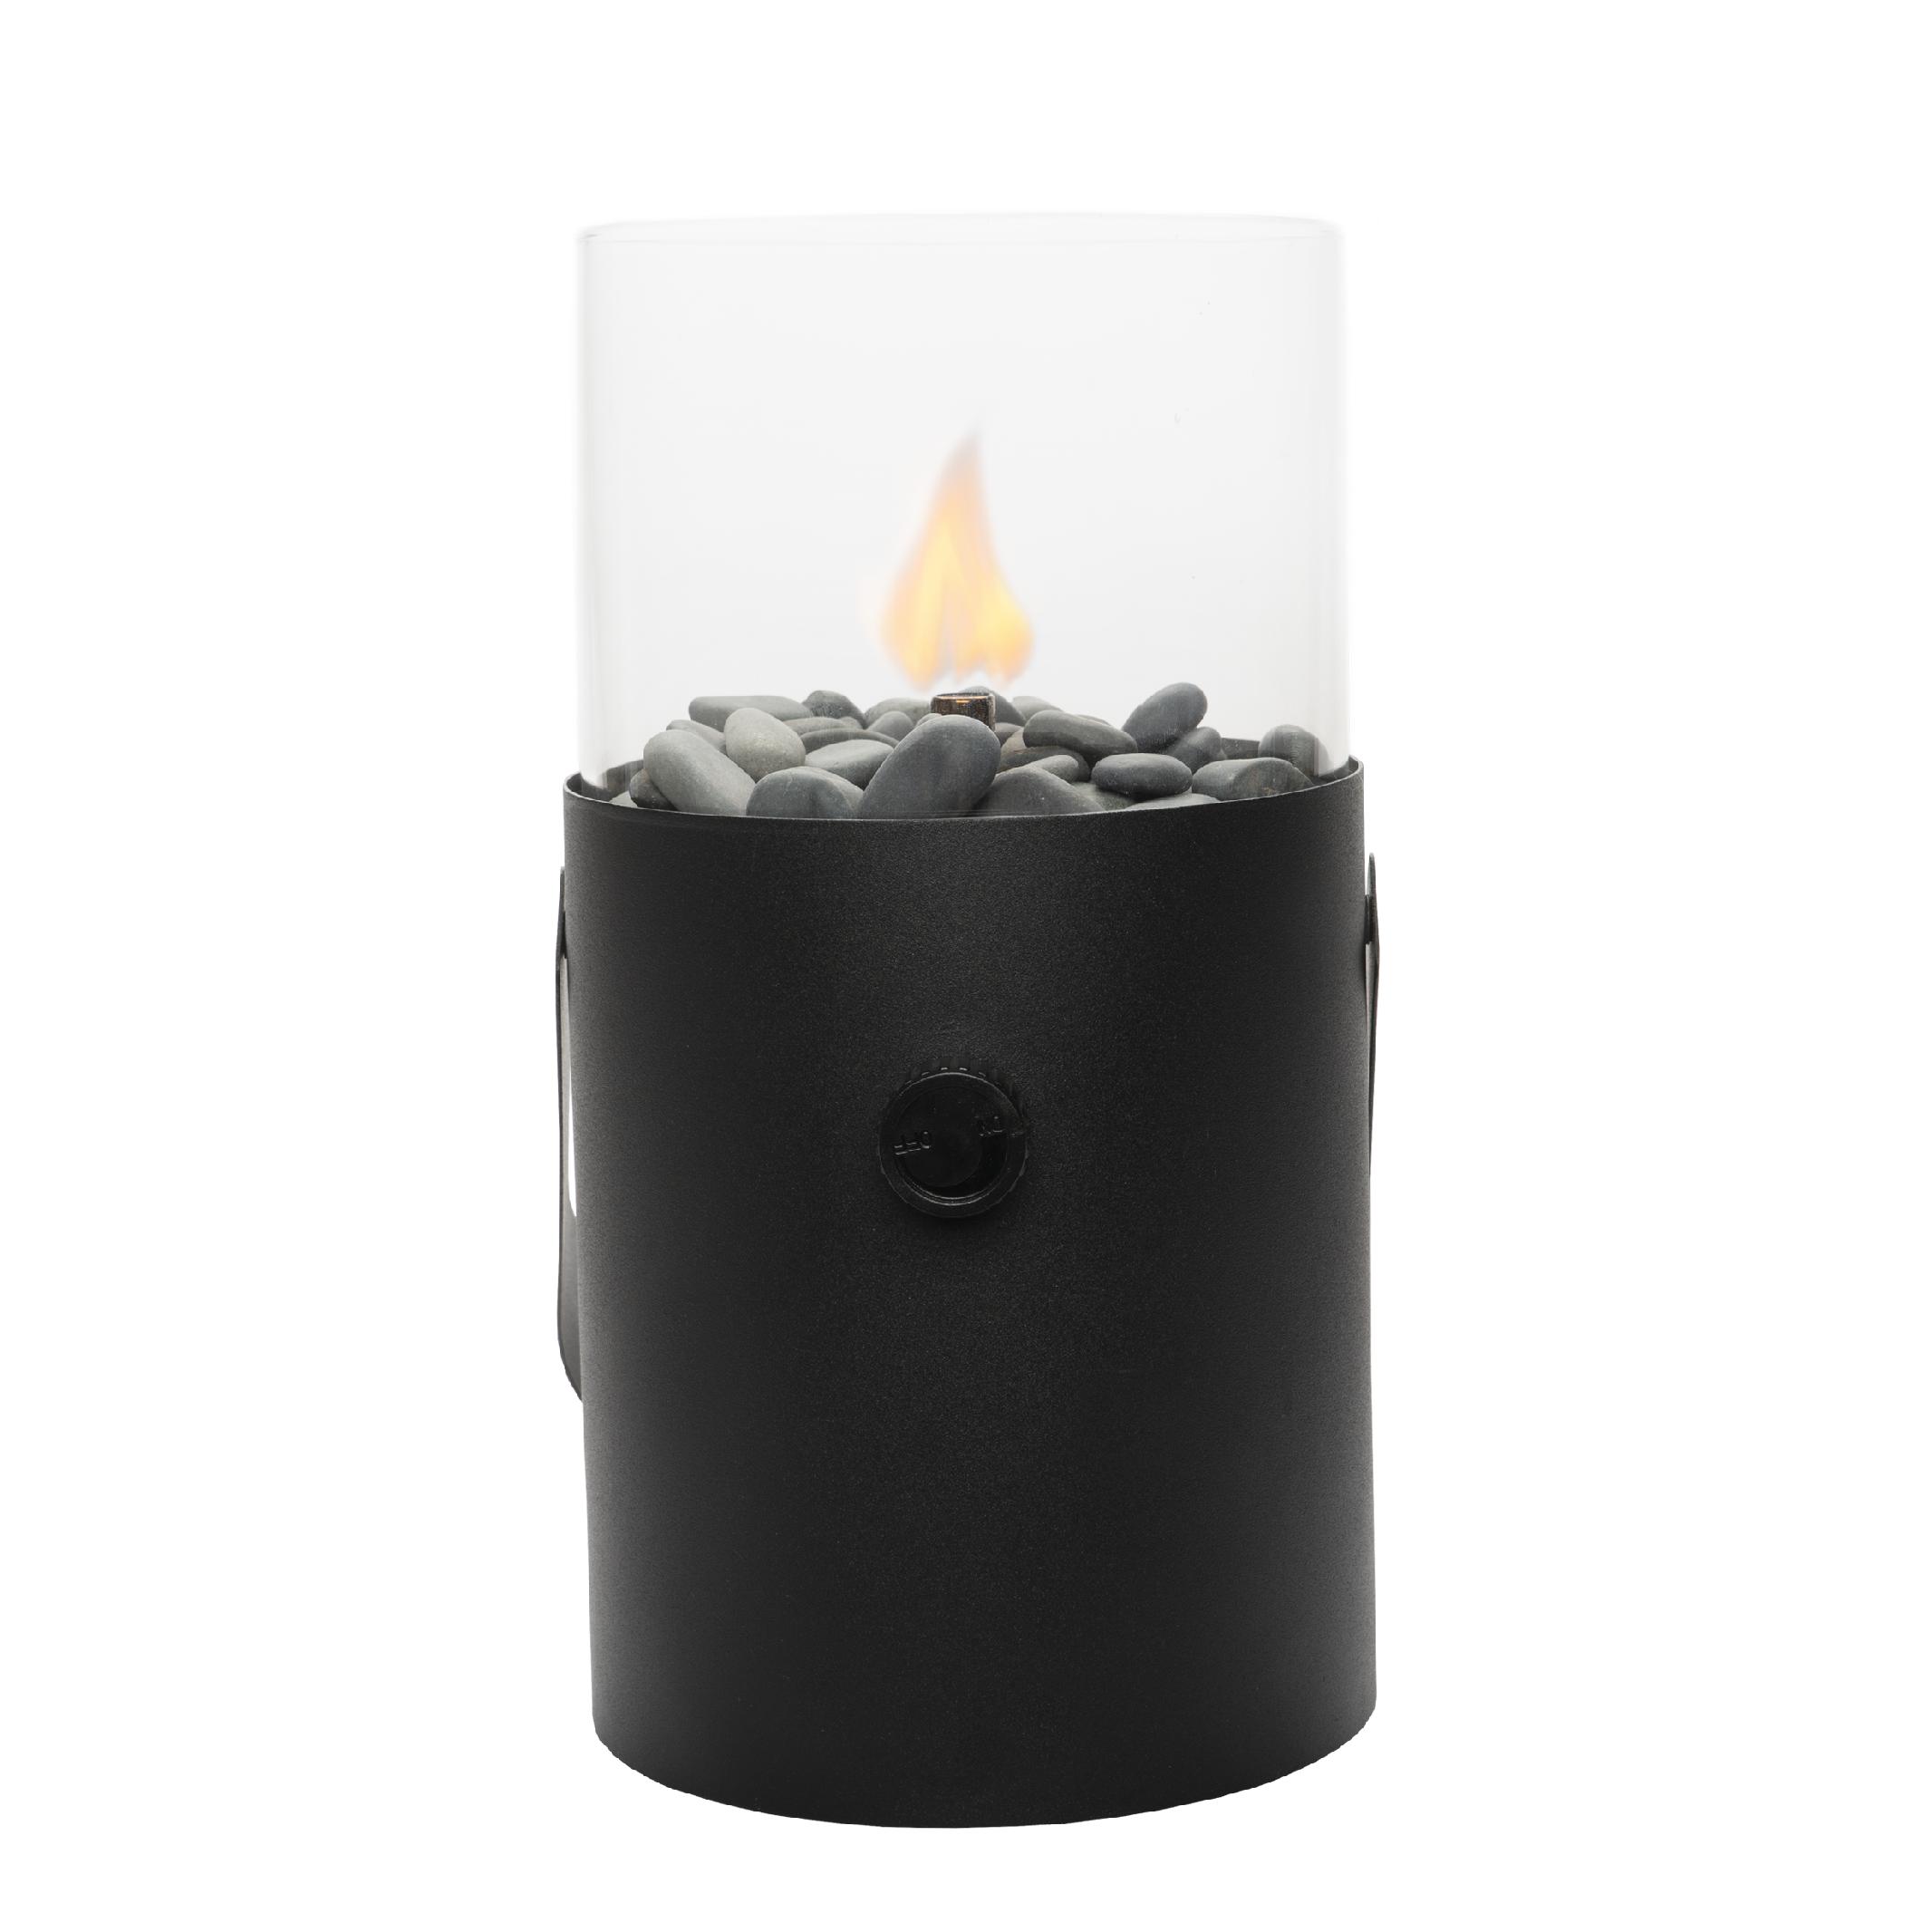 Plynová lucerna Cosiscoop Original - černá COSI